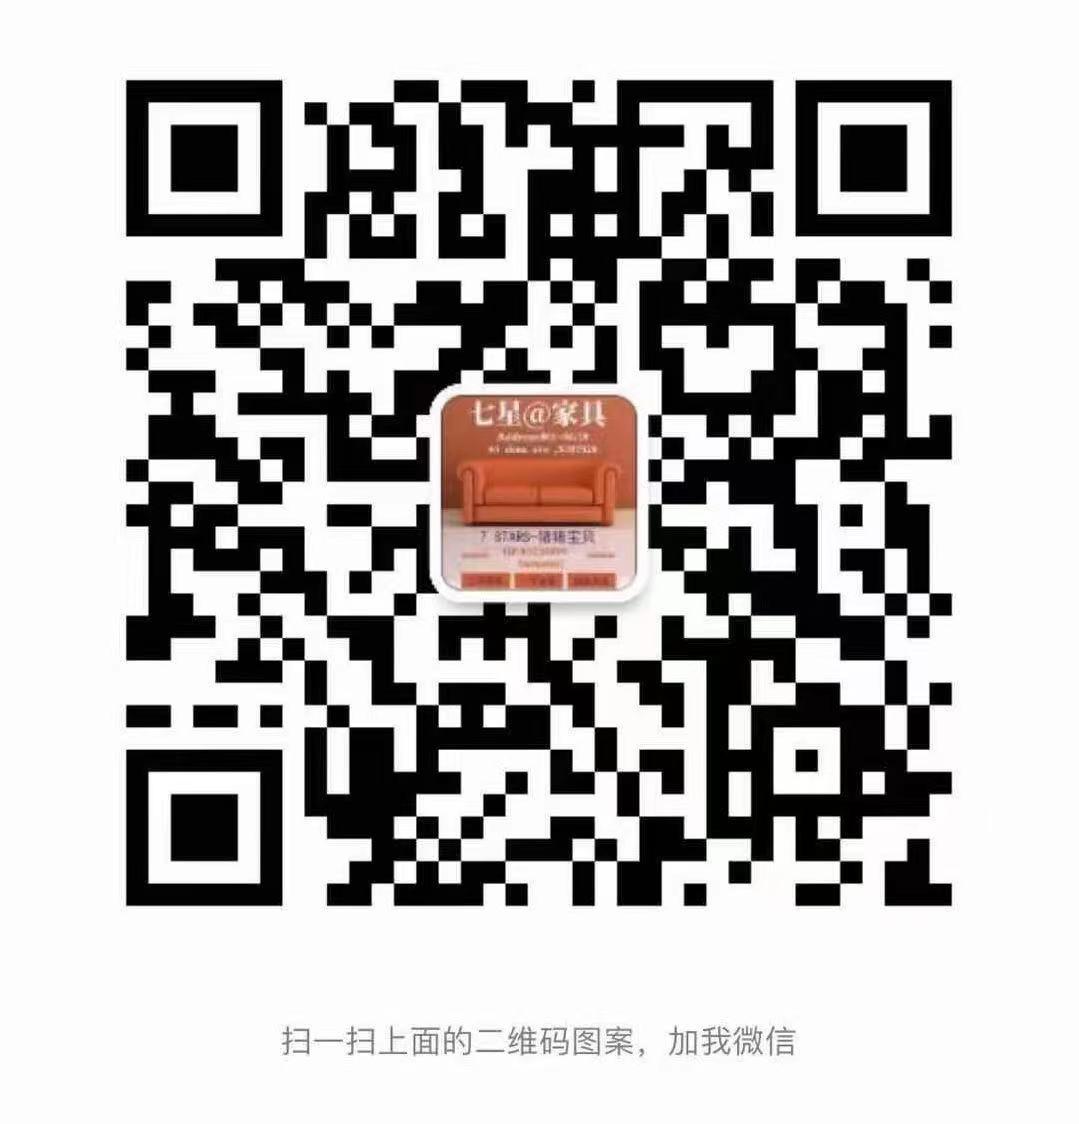 7星客服微信 (1).jpg